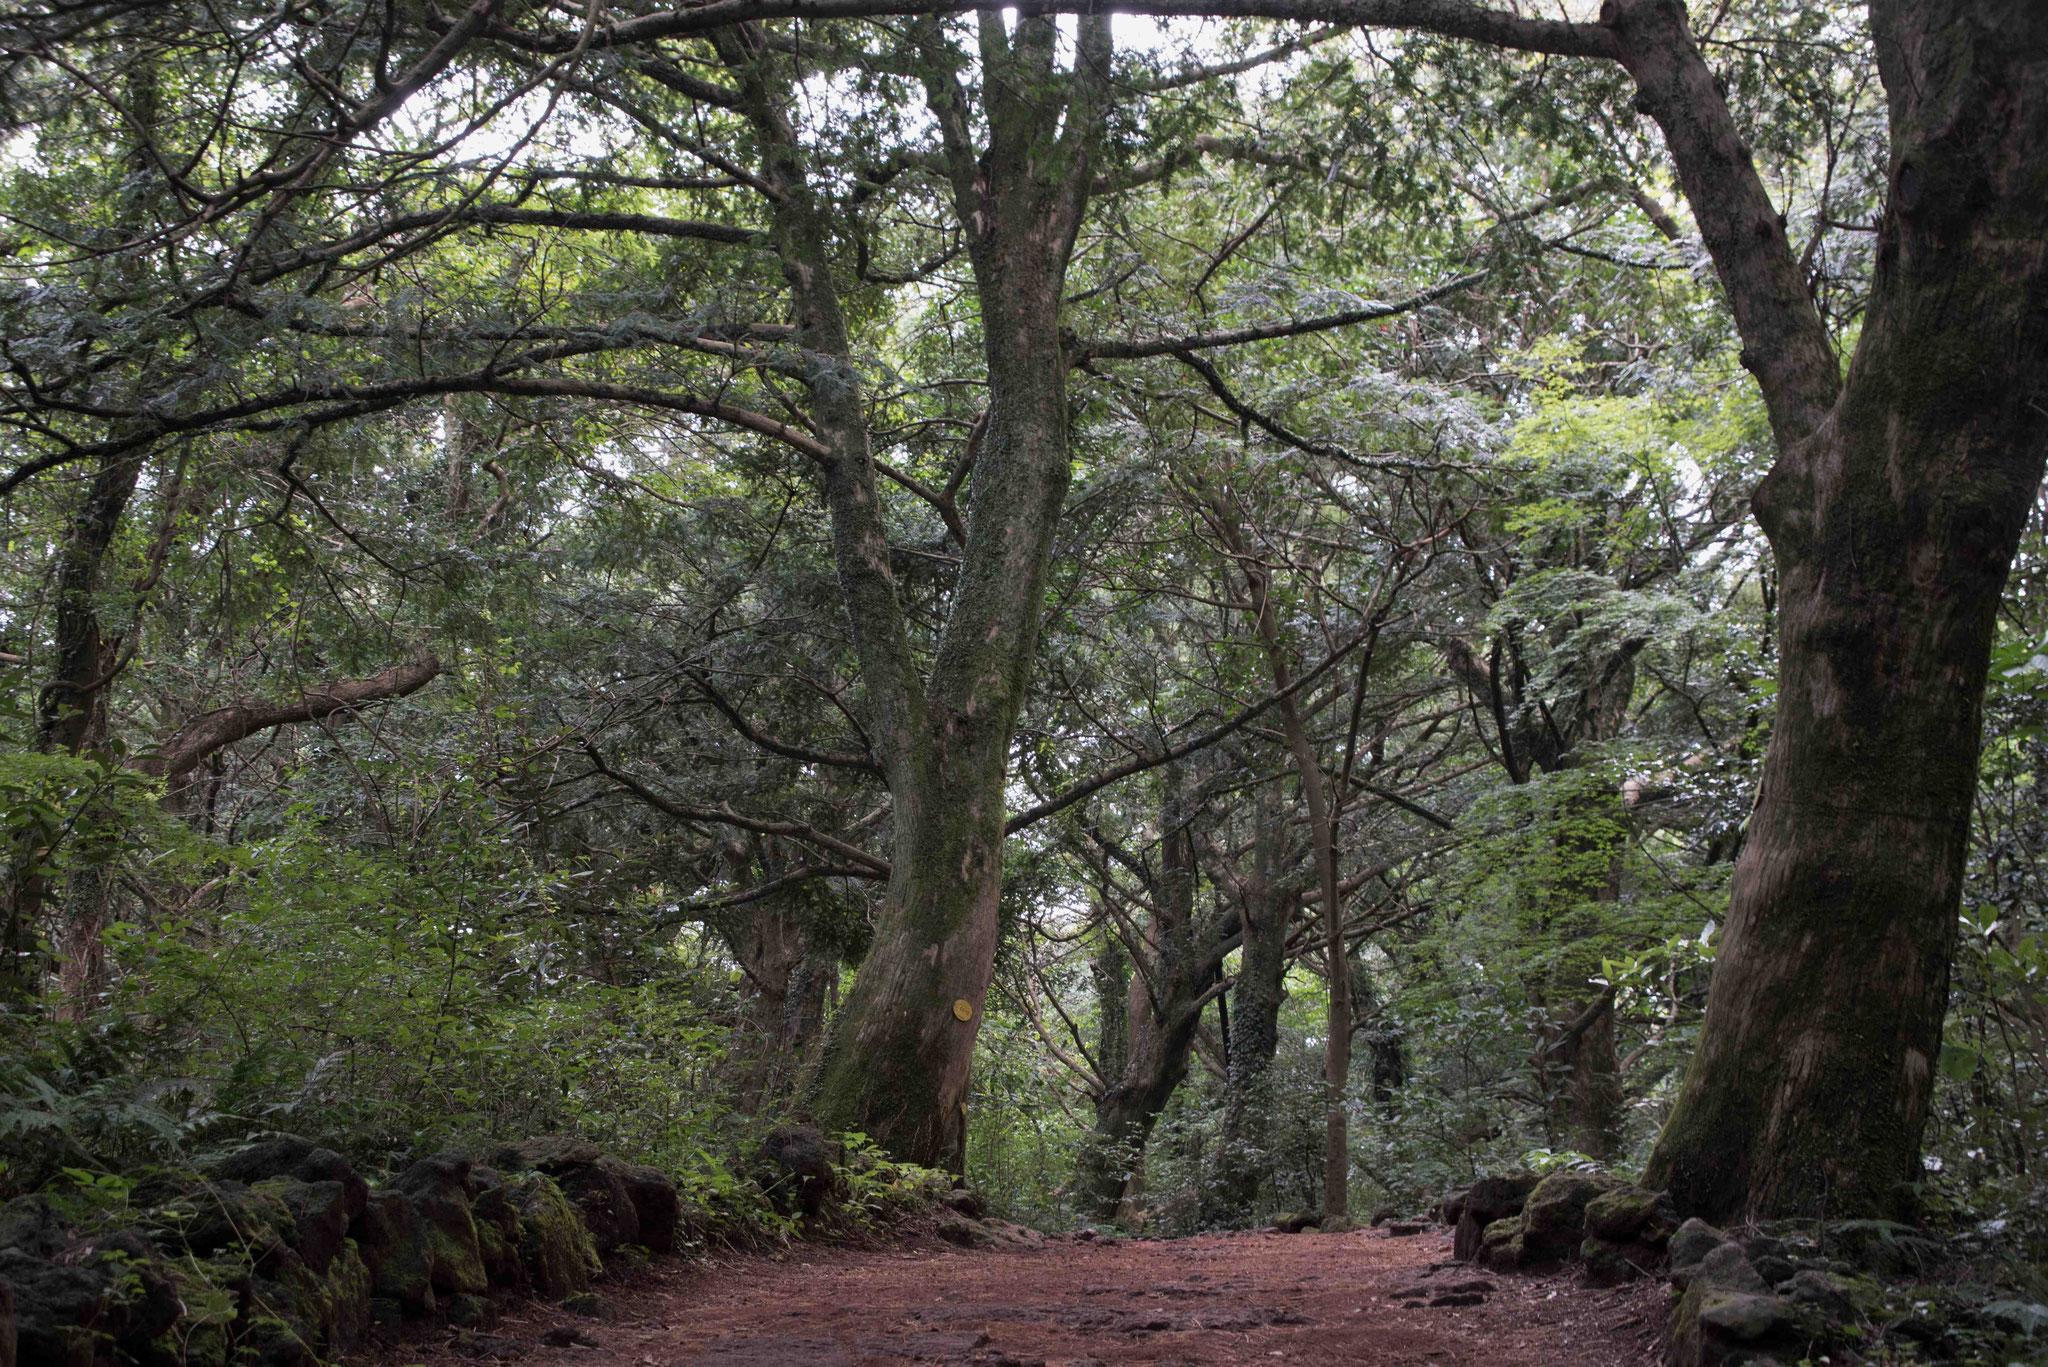 Schöner Spazierweg im Muskatnusswald